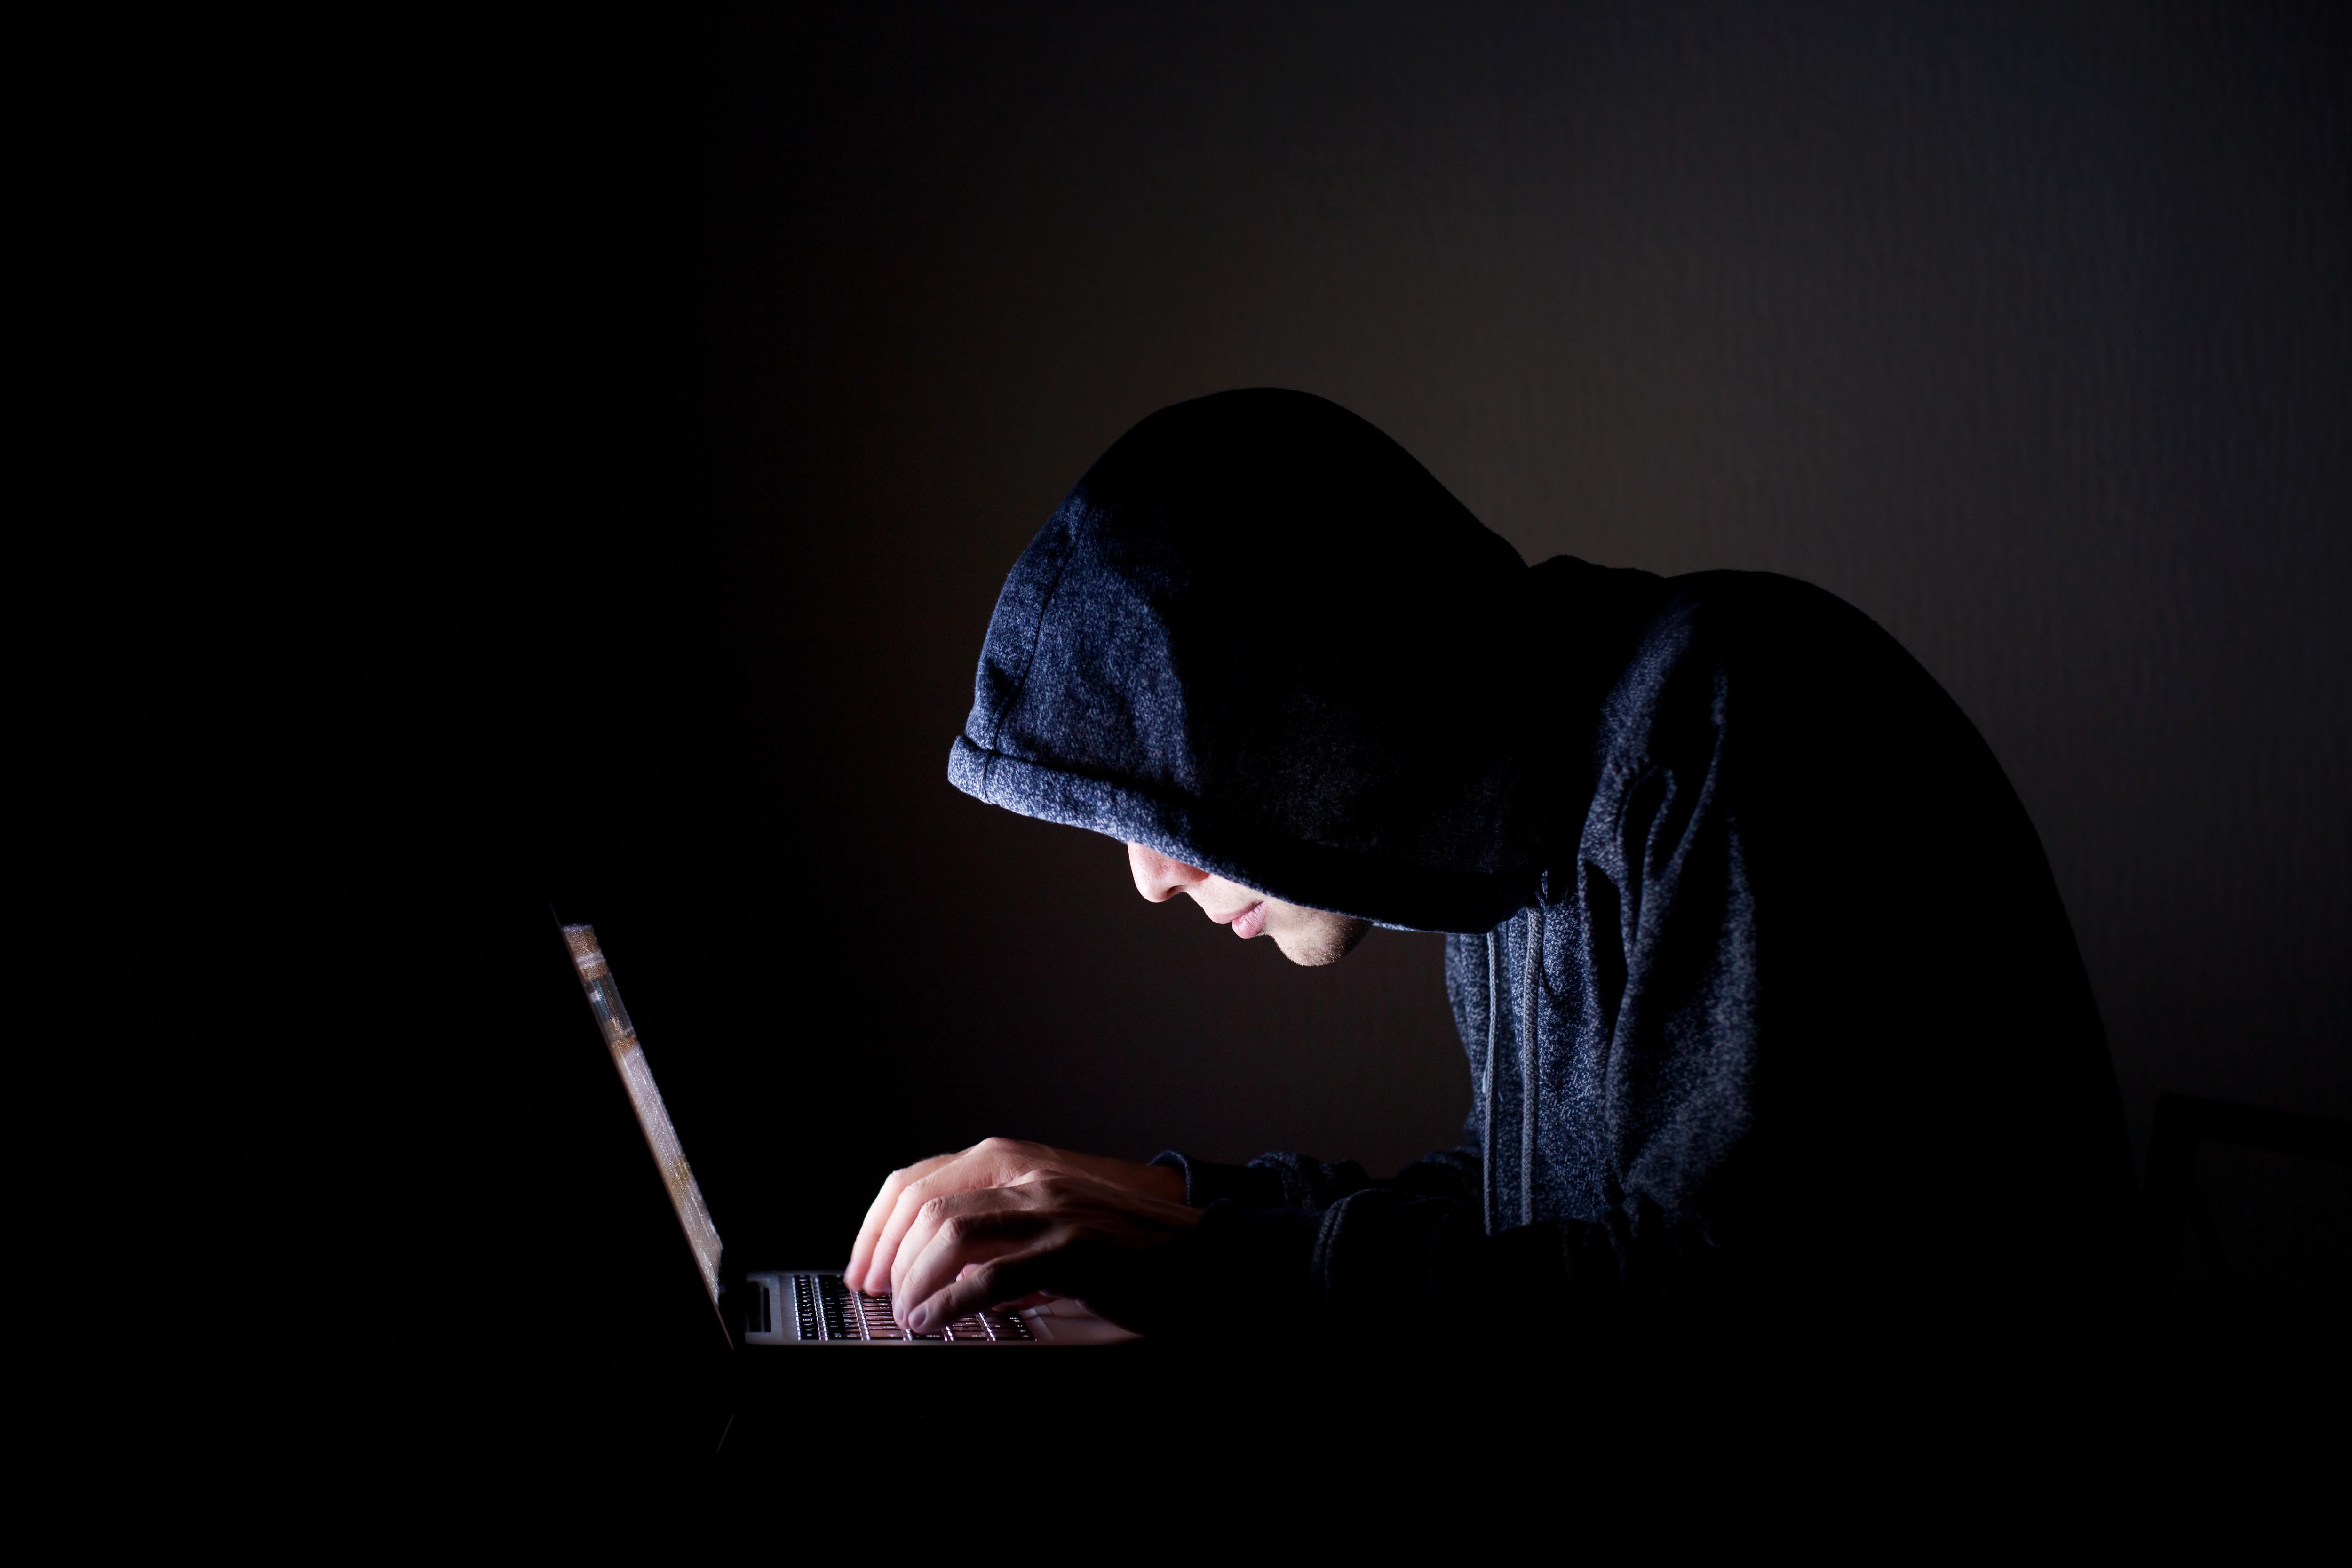 Hacker erhalten die Chance, ihre dunklen Künste zu präsentieren, um 830.000 £ zu erhalten